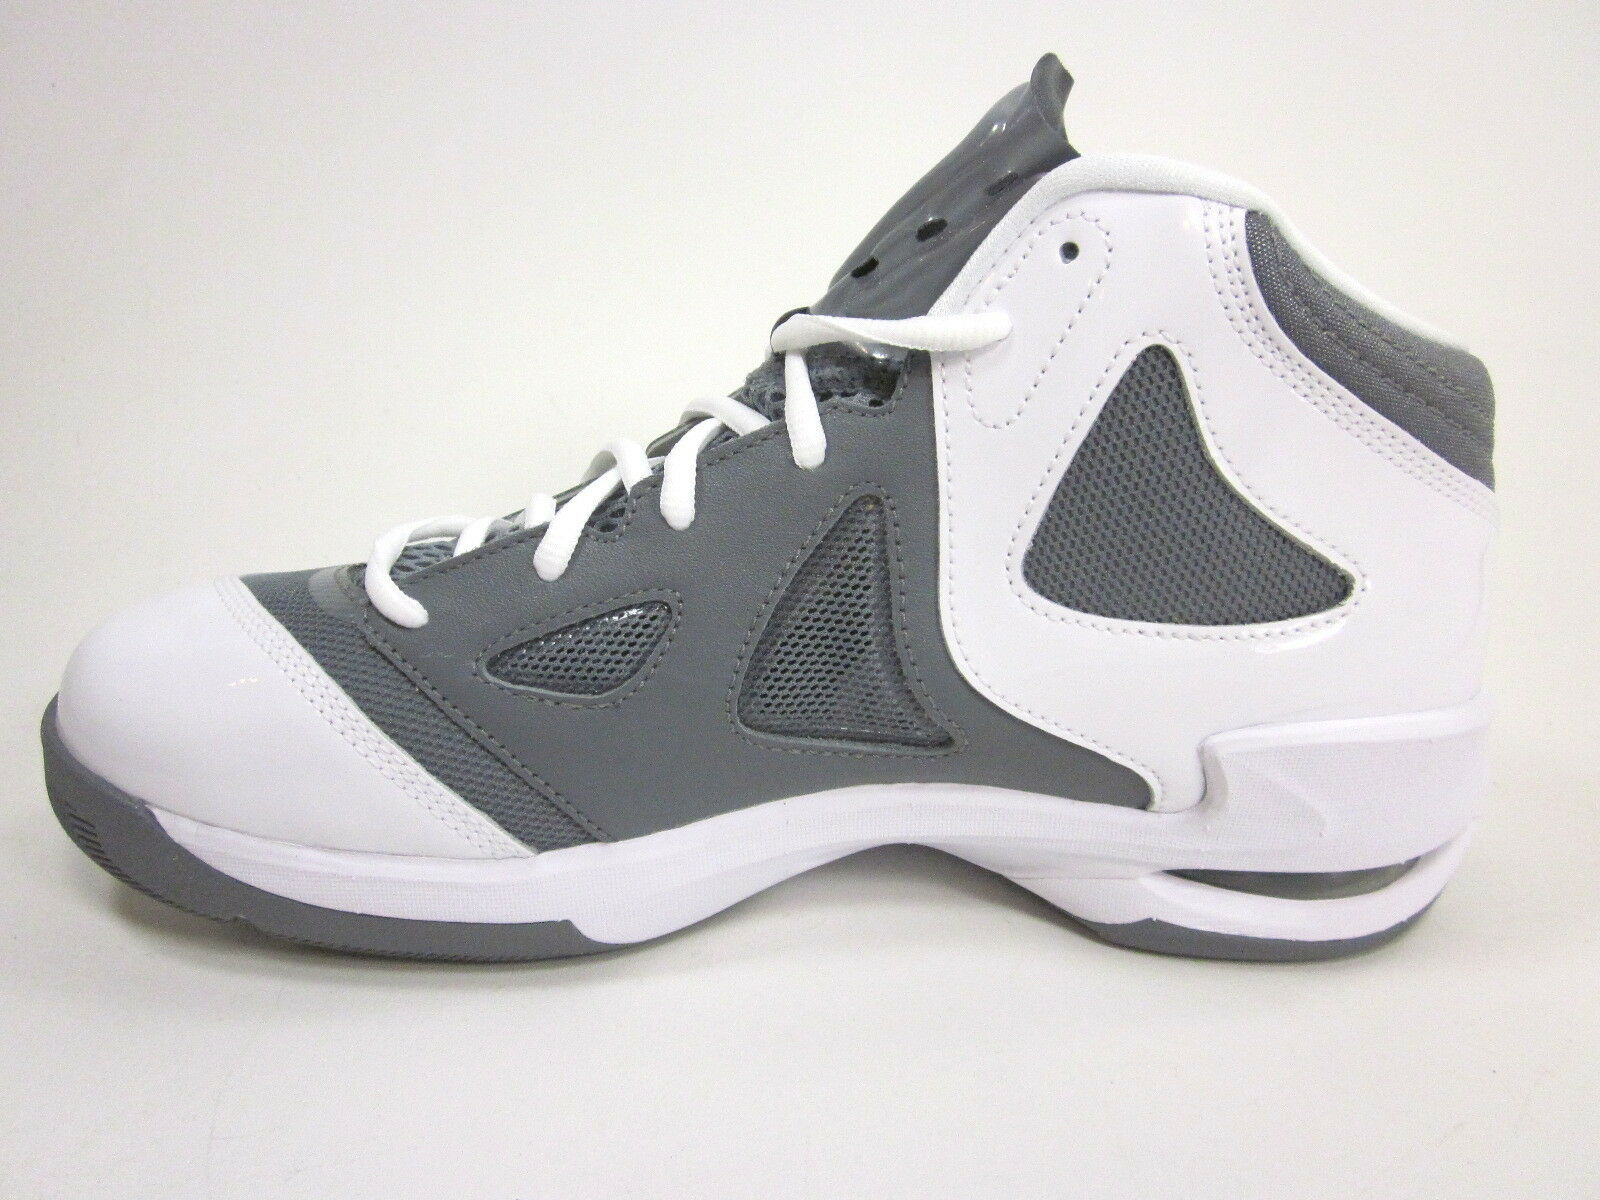 Jordan desempeñar en estas Basketball Ii, 510-002 Para Hombre Basketball estas Zapatos Gris/Blanco nos Talle 8 249b12